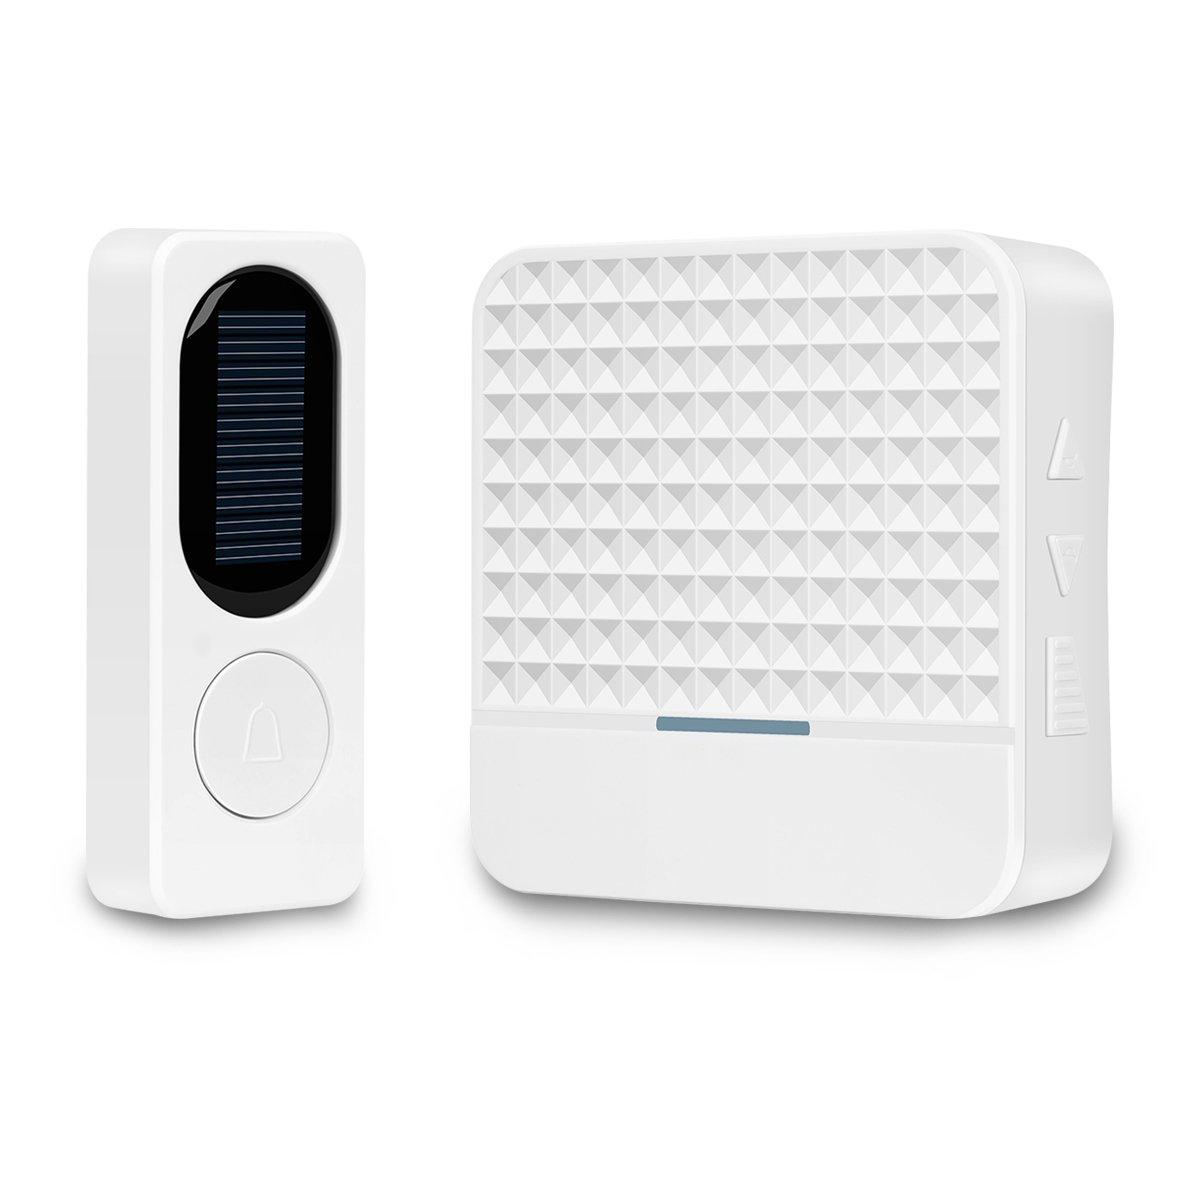 Solar Wireless Door Bell, Ardwolf Door Bell Ring with Solar Rechargeable Battery Operated, Waterproof Doorbell Kit, 1000ft Range, 52 Chimes, 4 Volume Level, Night Light